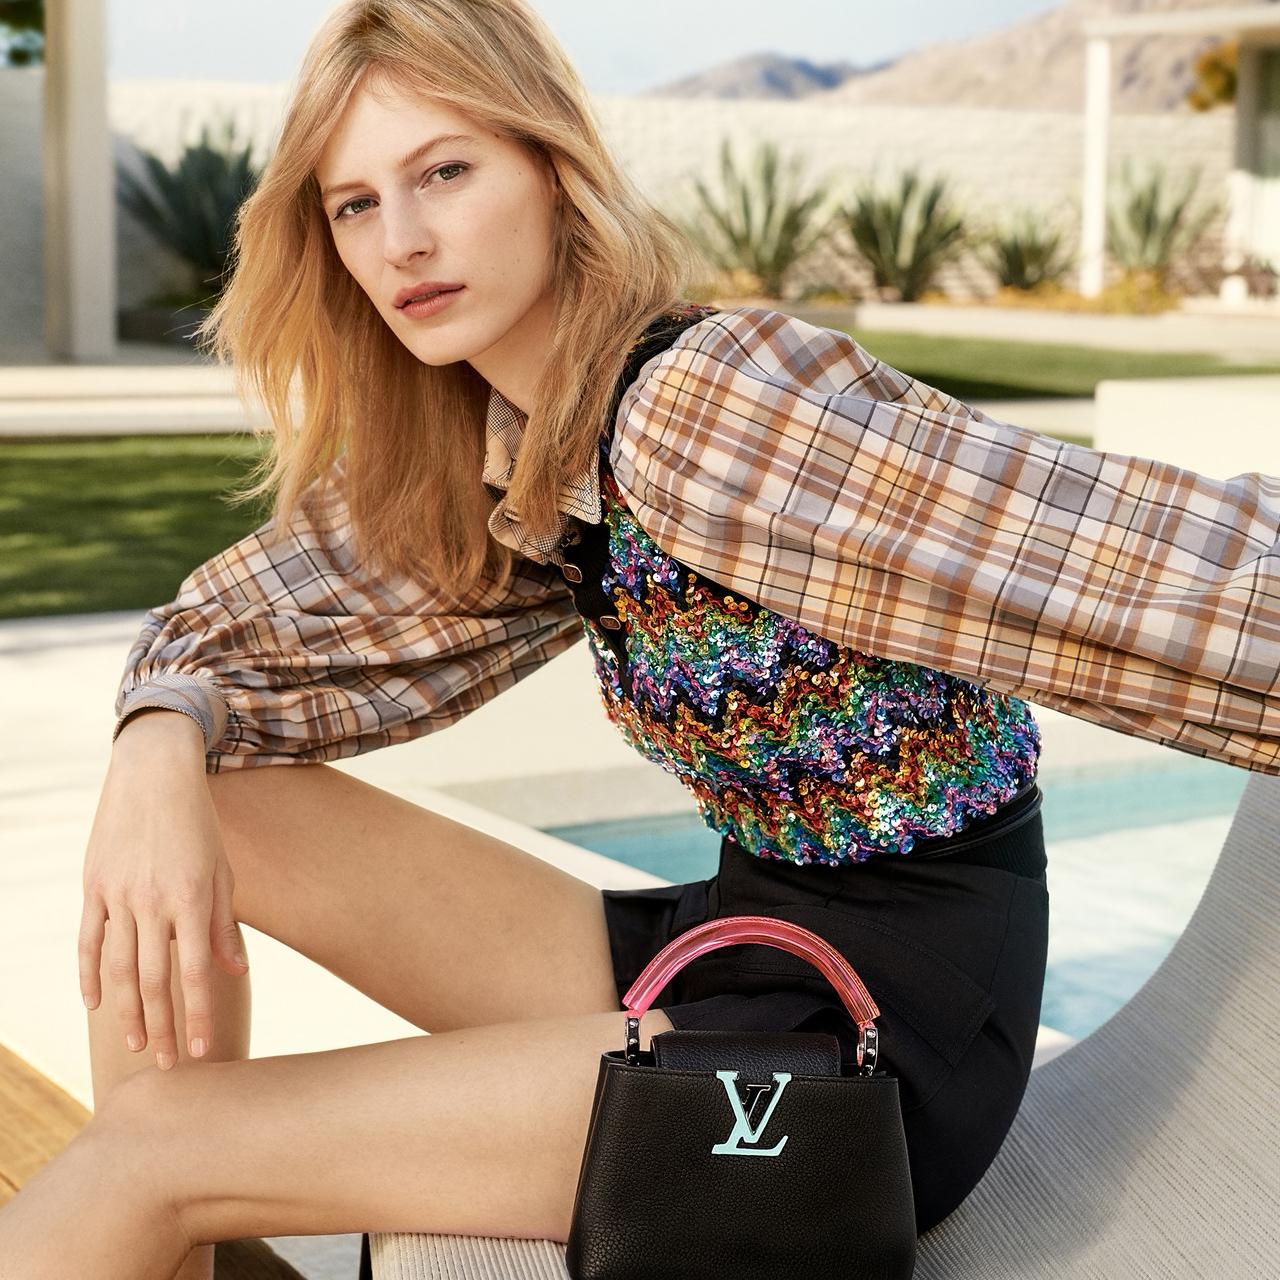 Louis Vuitton Summer 2020 Fashion Ad Campaign Photos